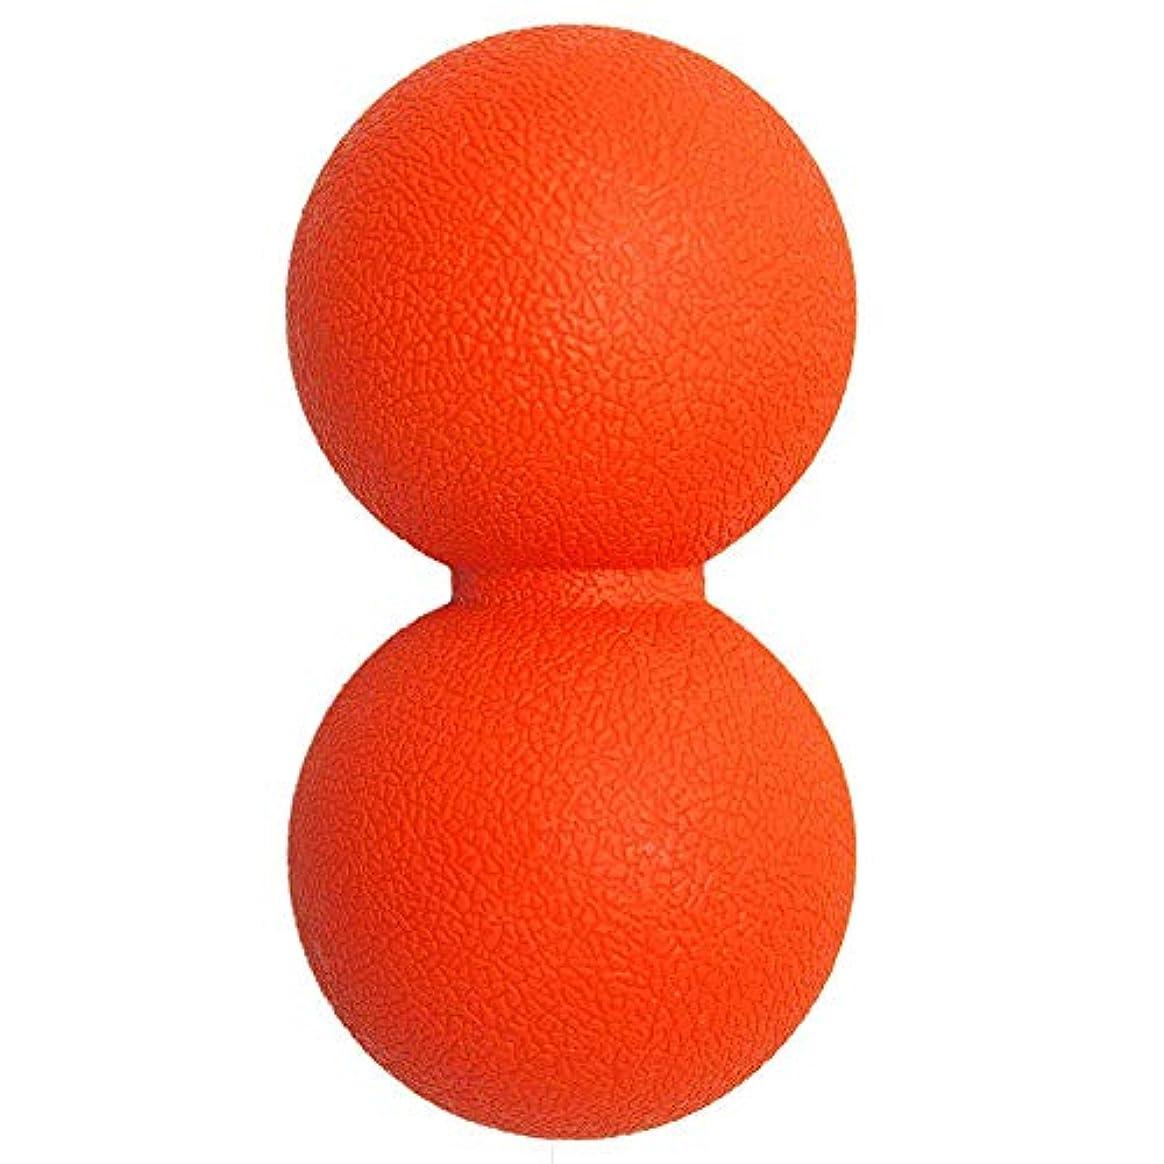 航海未満忌避剤マッサージボール 筋膜リリースストレッチボール 肩こり 腰 足裏ツボ押しグッズ 背中,オレンジ